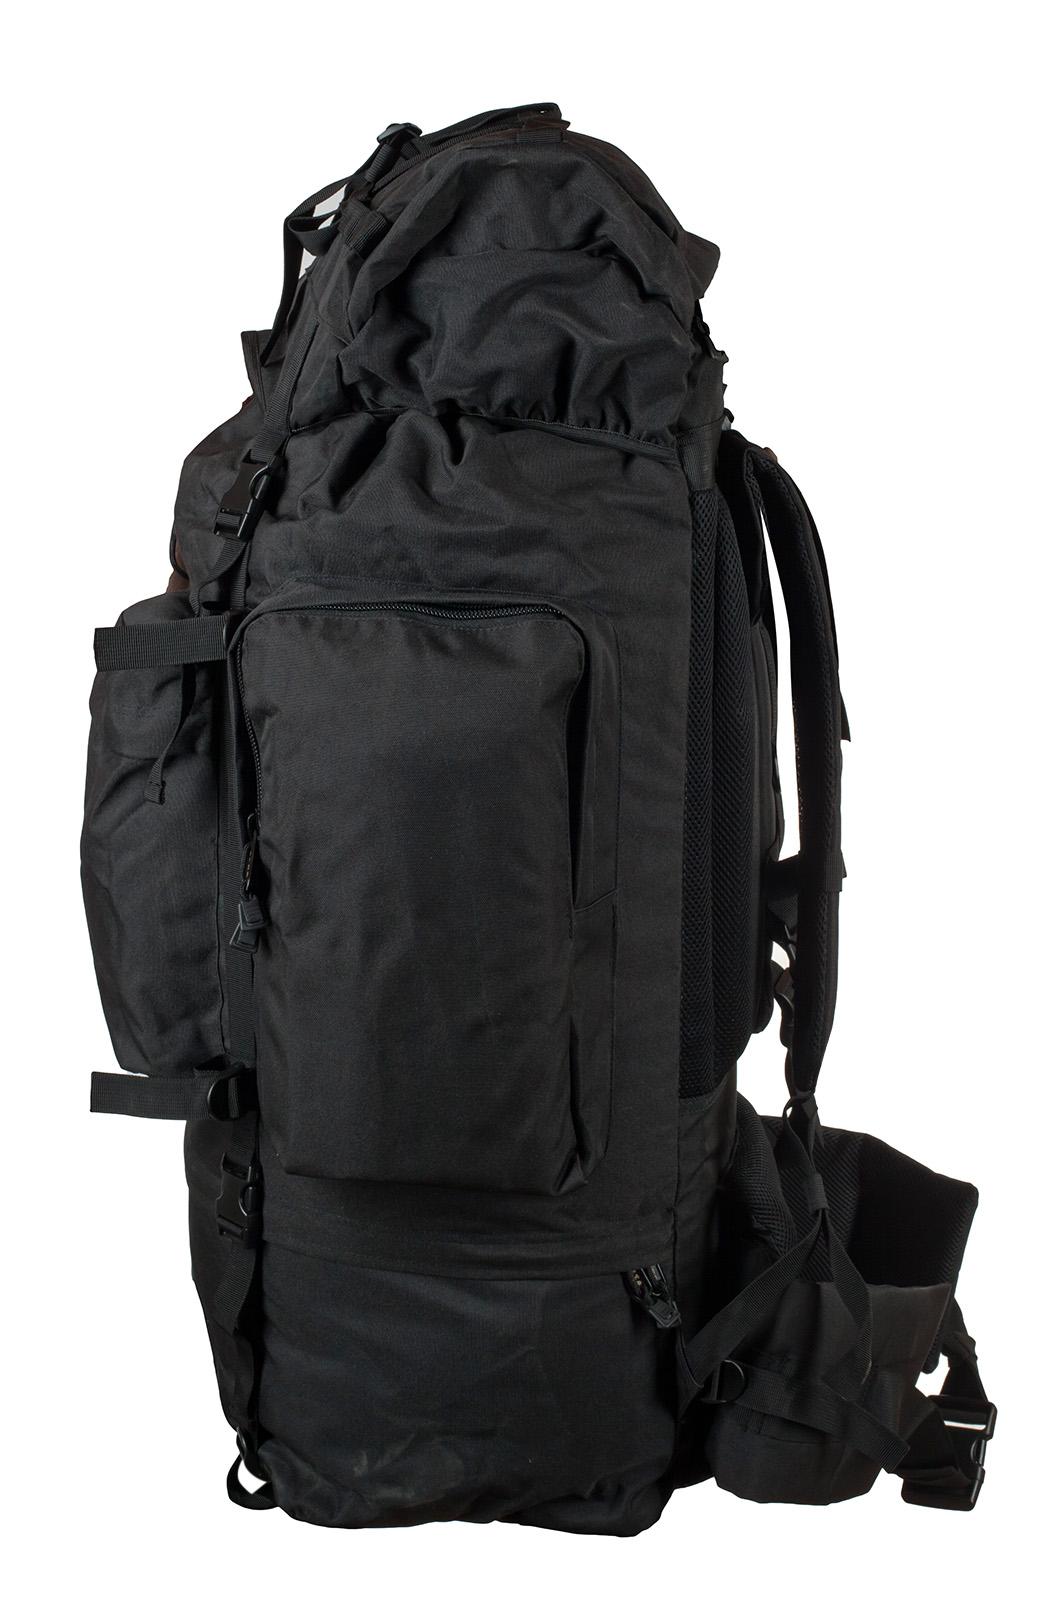 Многодневный армейский рюкзак ВМФ ГИГАНТ Max Fuchs - купить с доставкой